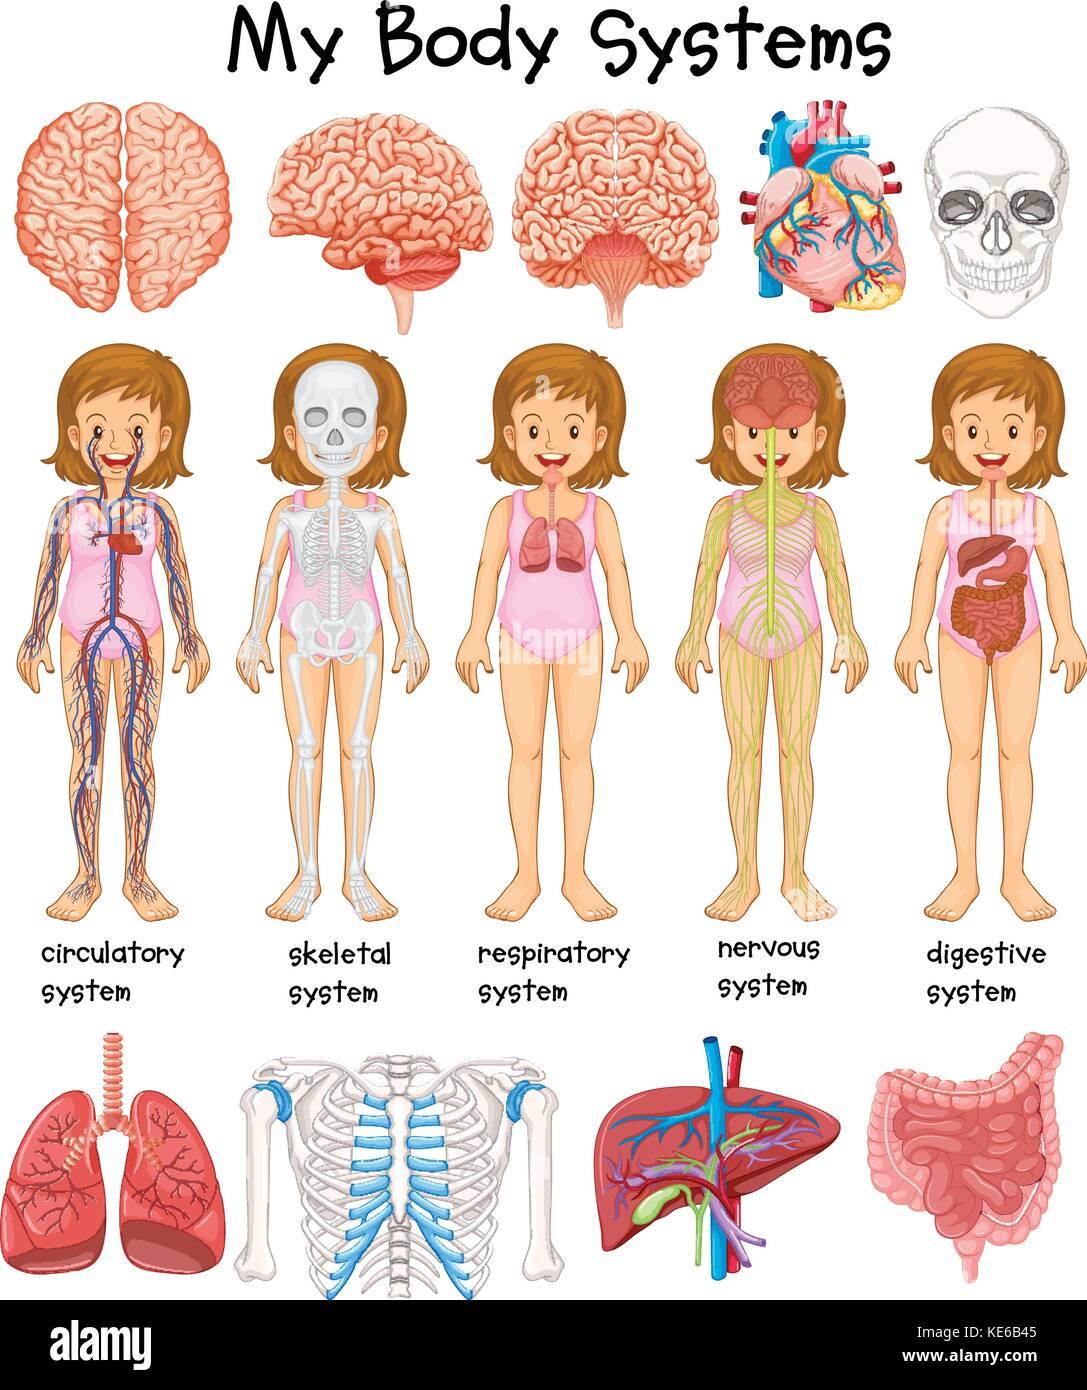 Human Digestive Systems Stock Photos Human Digestive Systems Stock